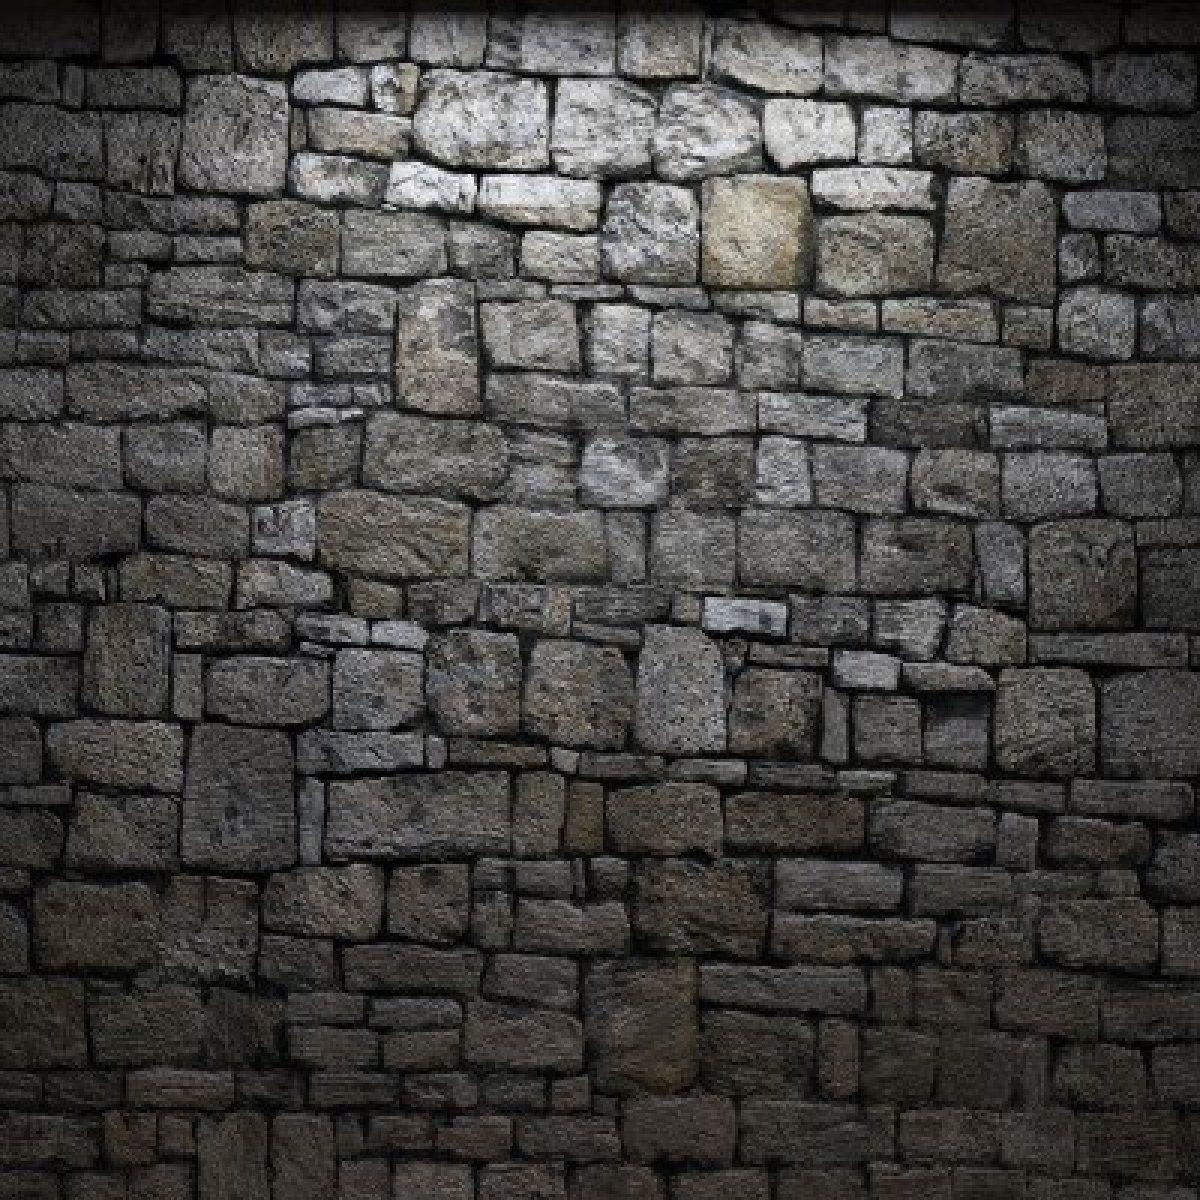 Oyes tras el muro un cercano rugido que te da un mal presentimiento